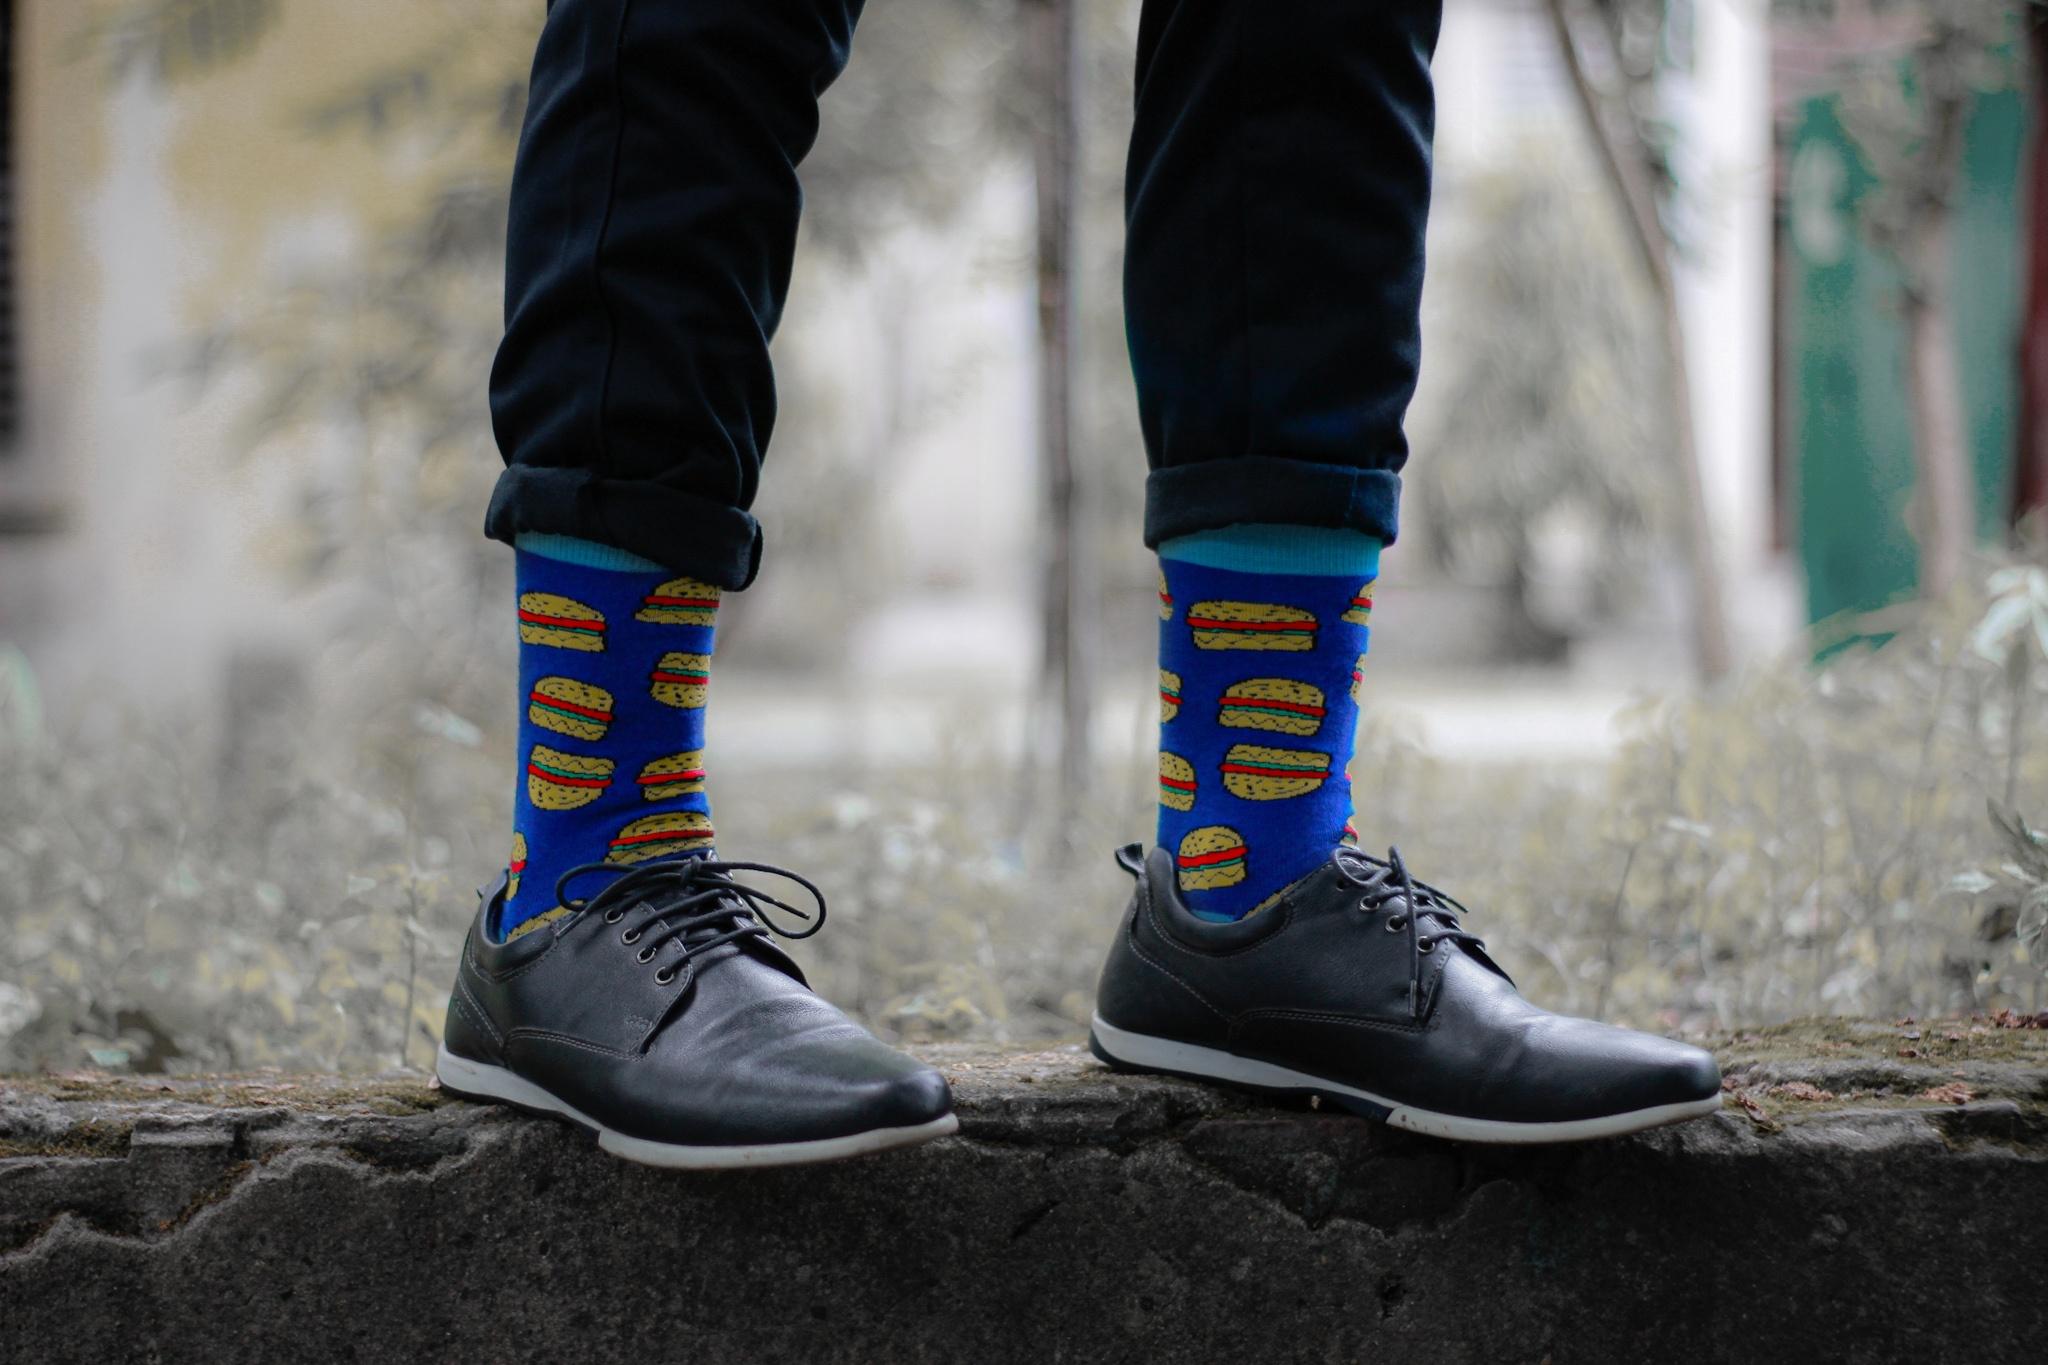 Dynamocks burger socks for men & Women